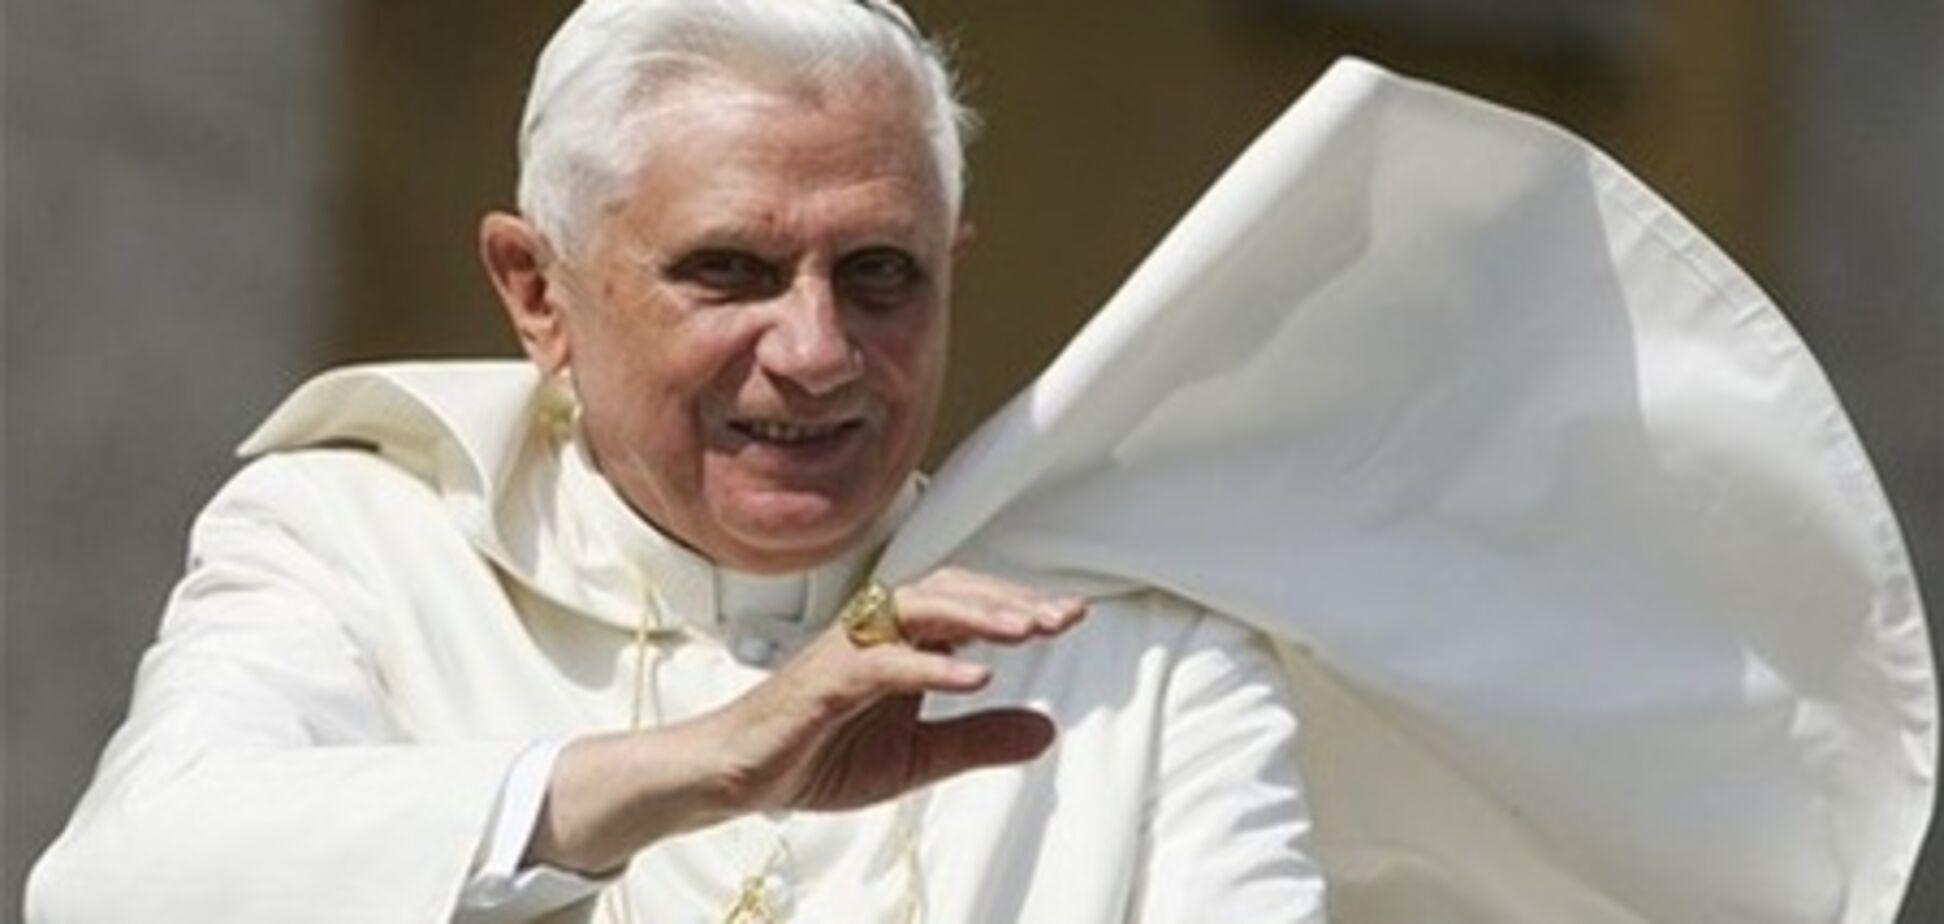 Папа римський зустрівся з жертвами сексуального насильства з боку духовенства